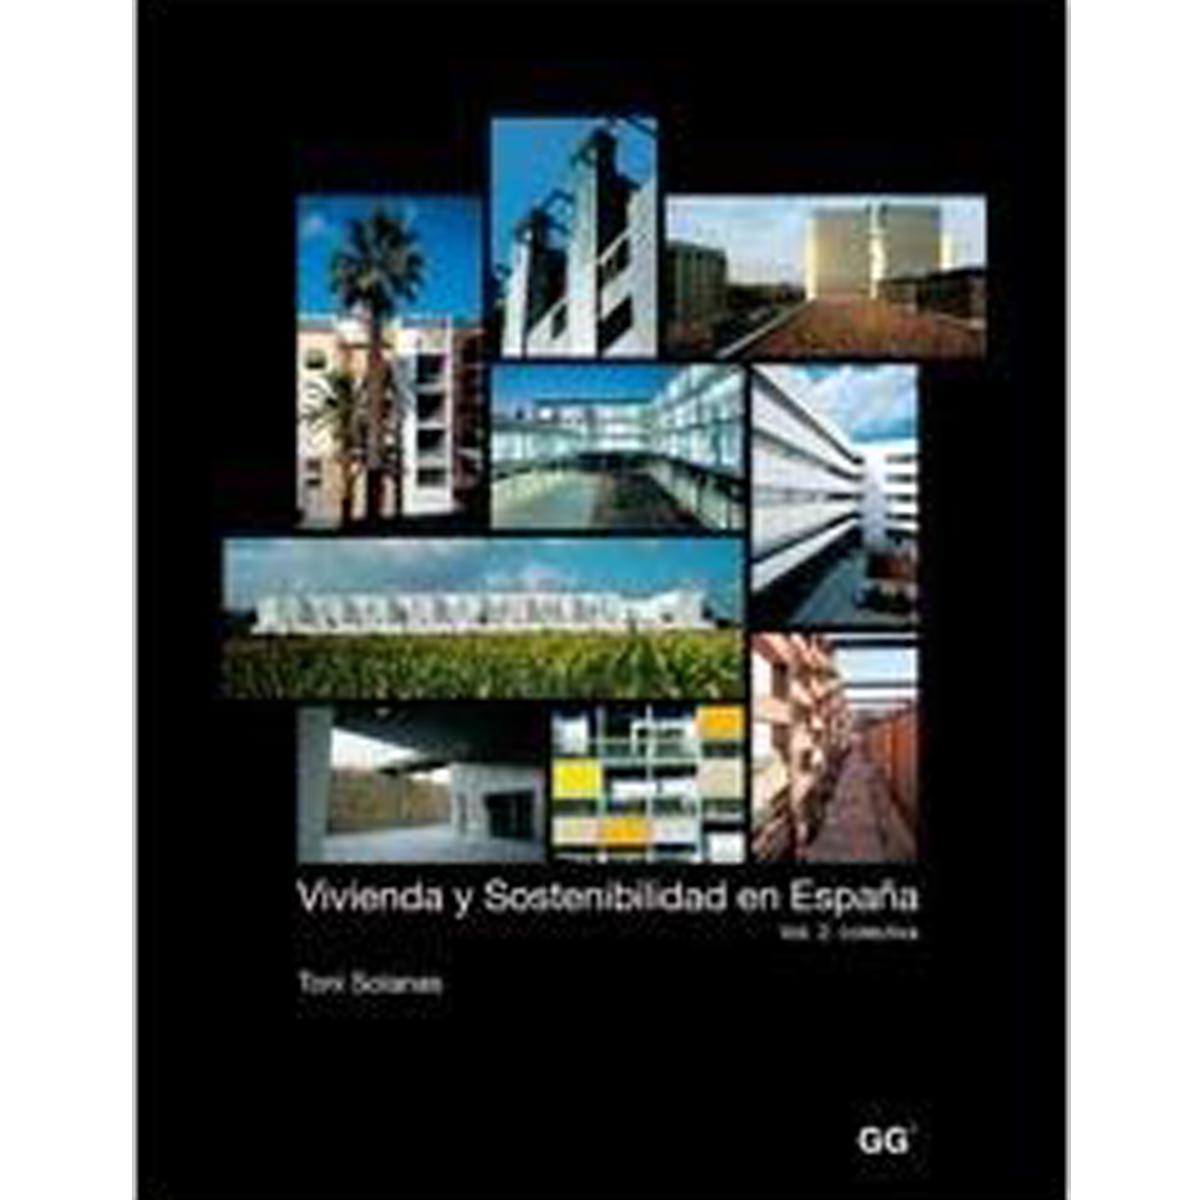 Vivienda y sostenibilidad en España